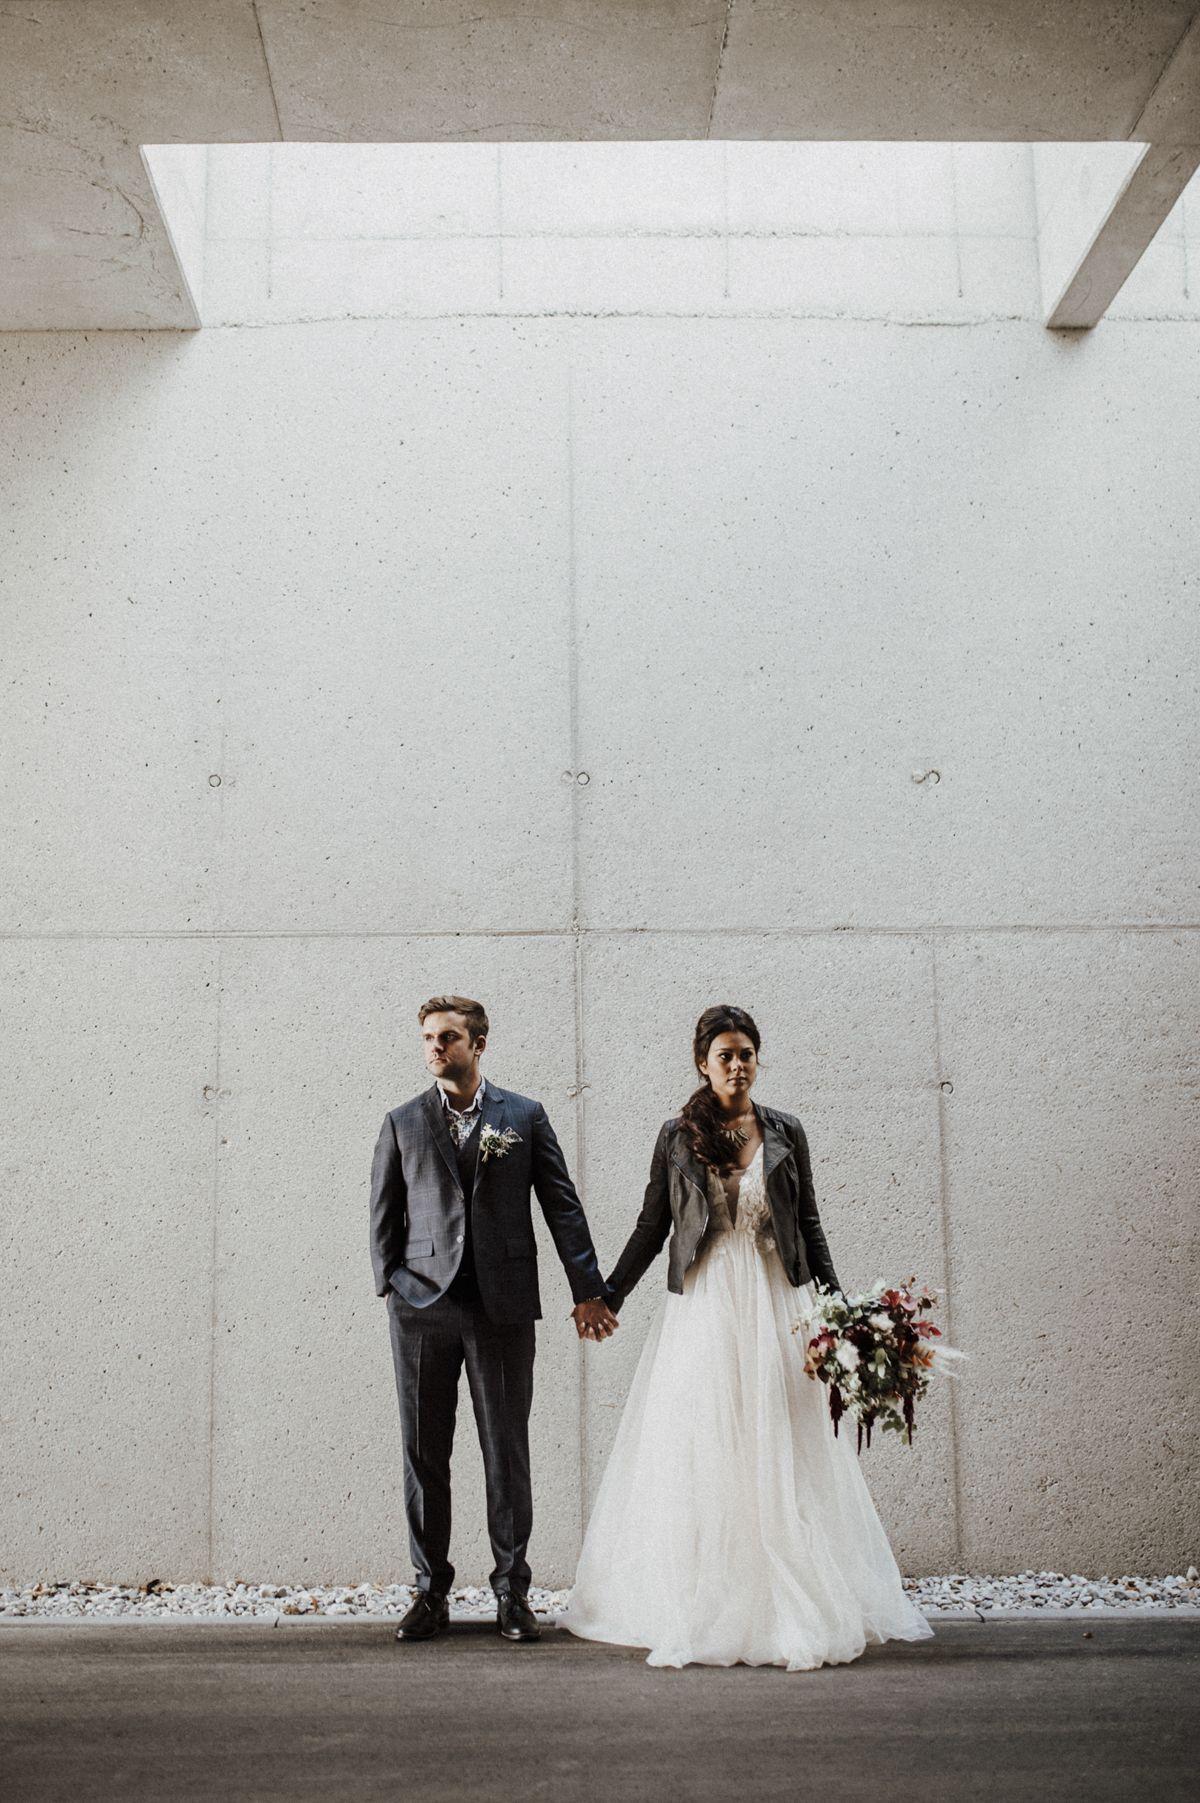 Edgy Wedding: Cool und rockig heiraten  Heiraten, Hochzeitsmotto